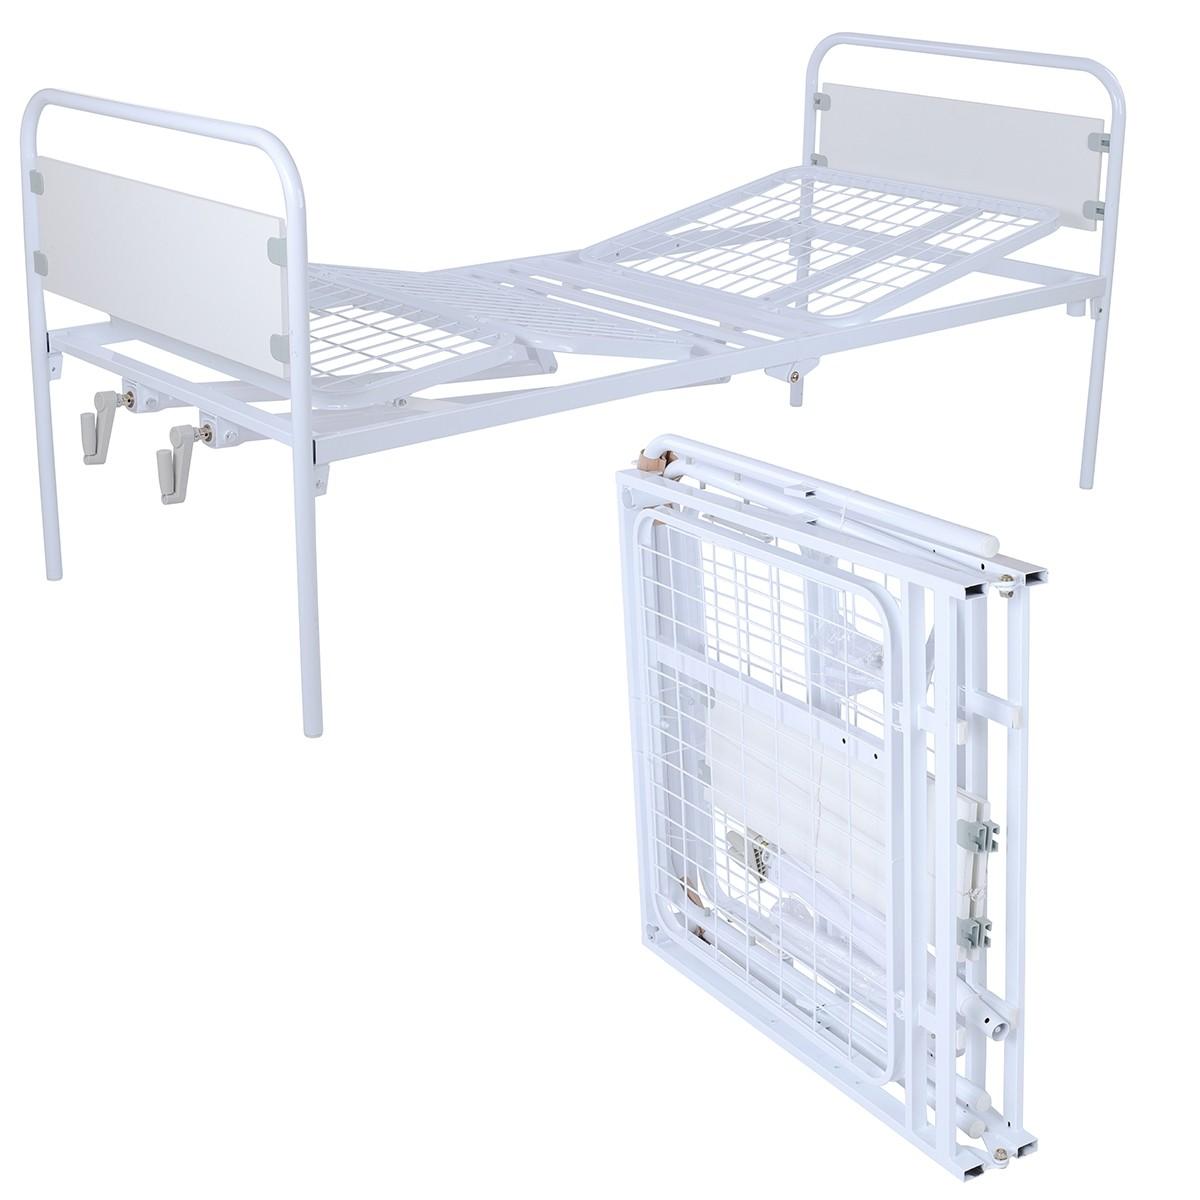 Letto Ospedaliero Manuale con 2 movimenti pieghevole, termigea_l3, 369 €